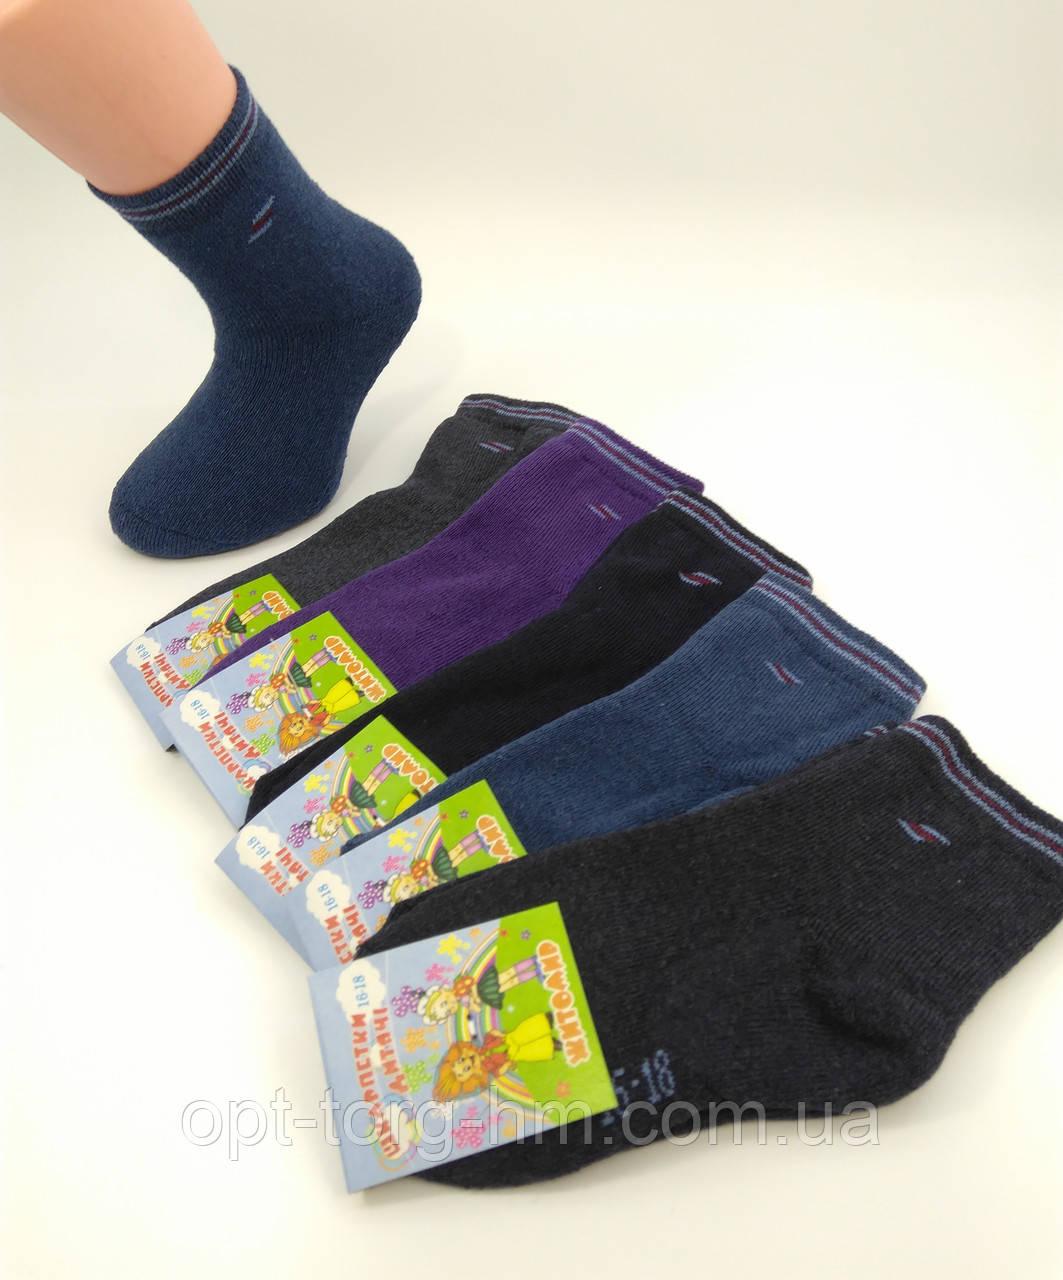 Махровые носки детские Микс чистые 16-18 (25-28 обувь)